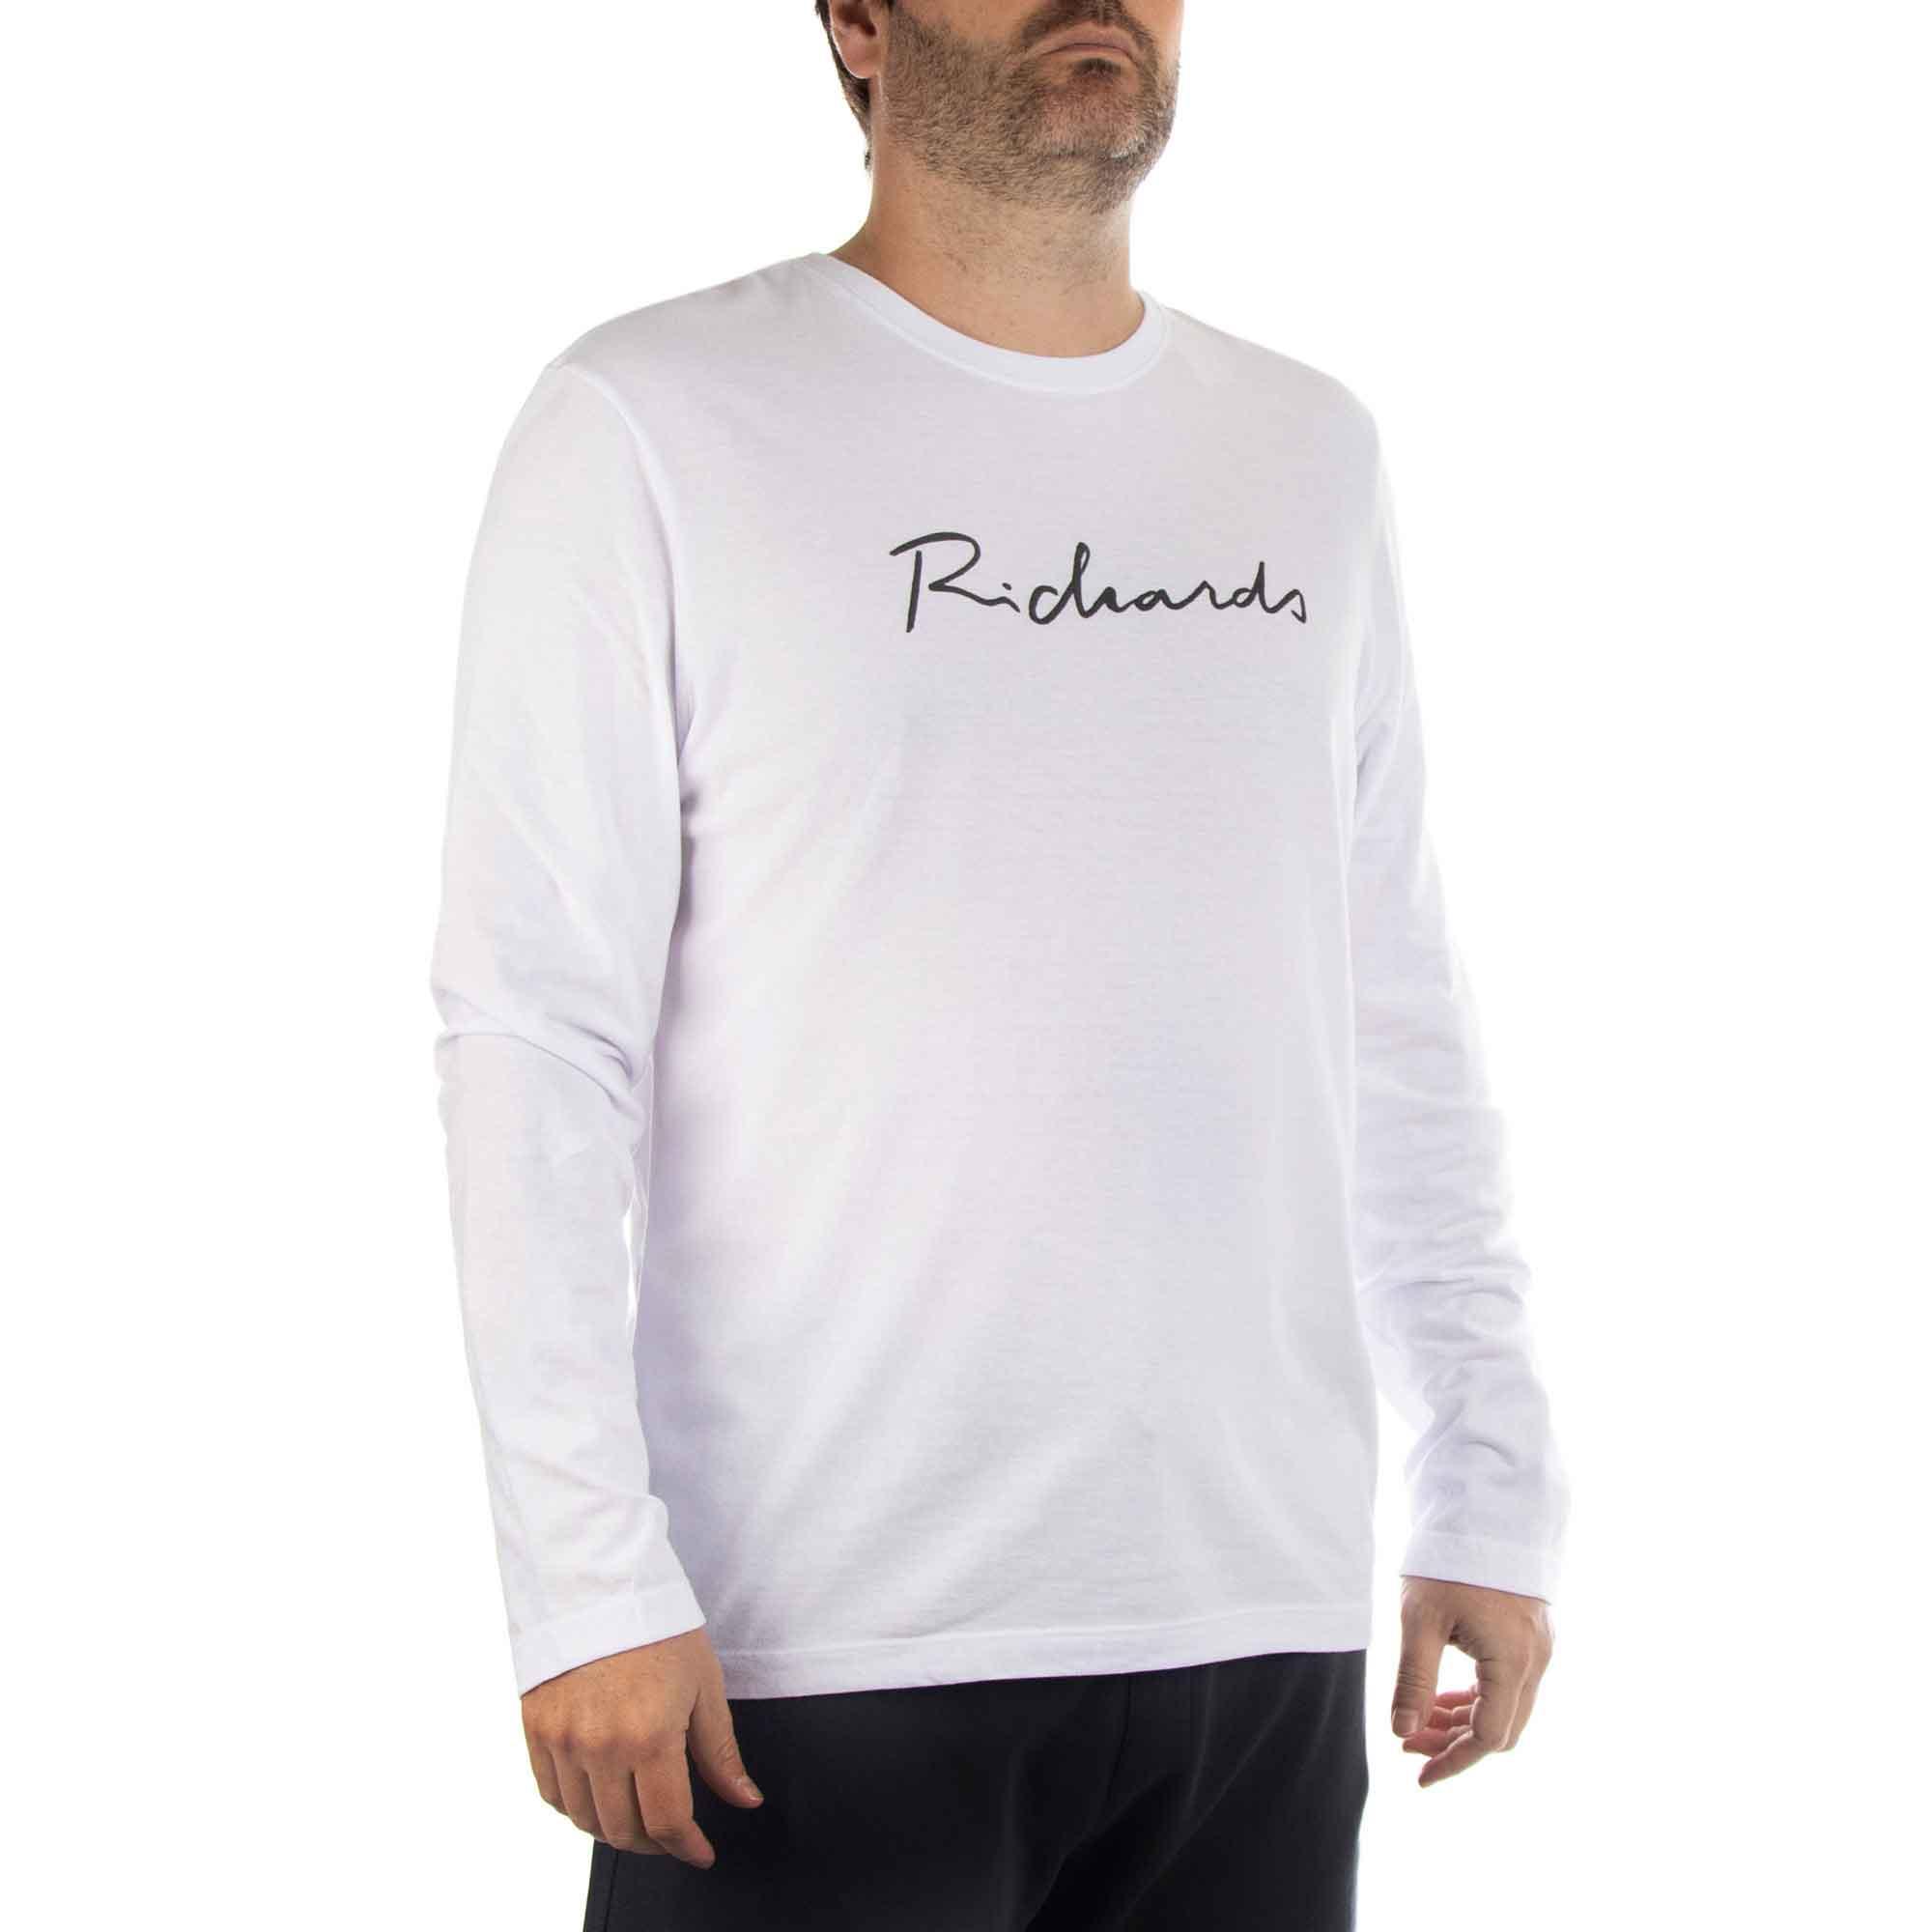 Richards Camiseta Manuscrito Richards Manga Longa Masculino Branco